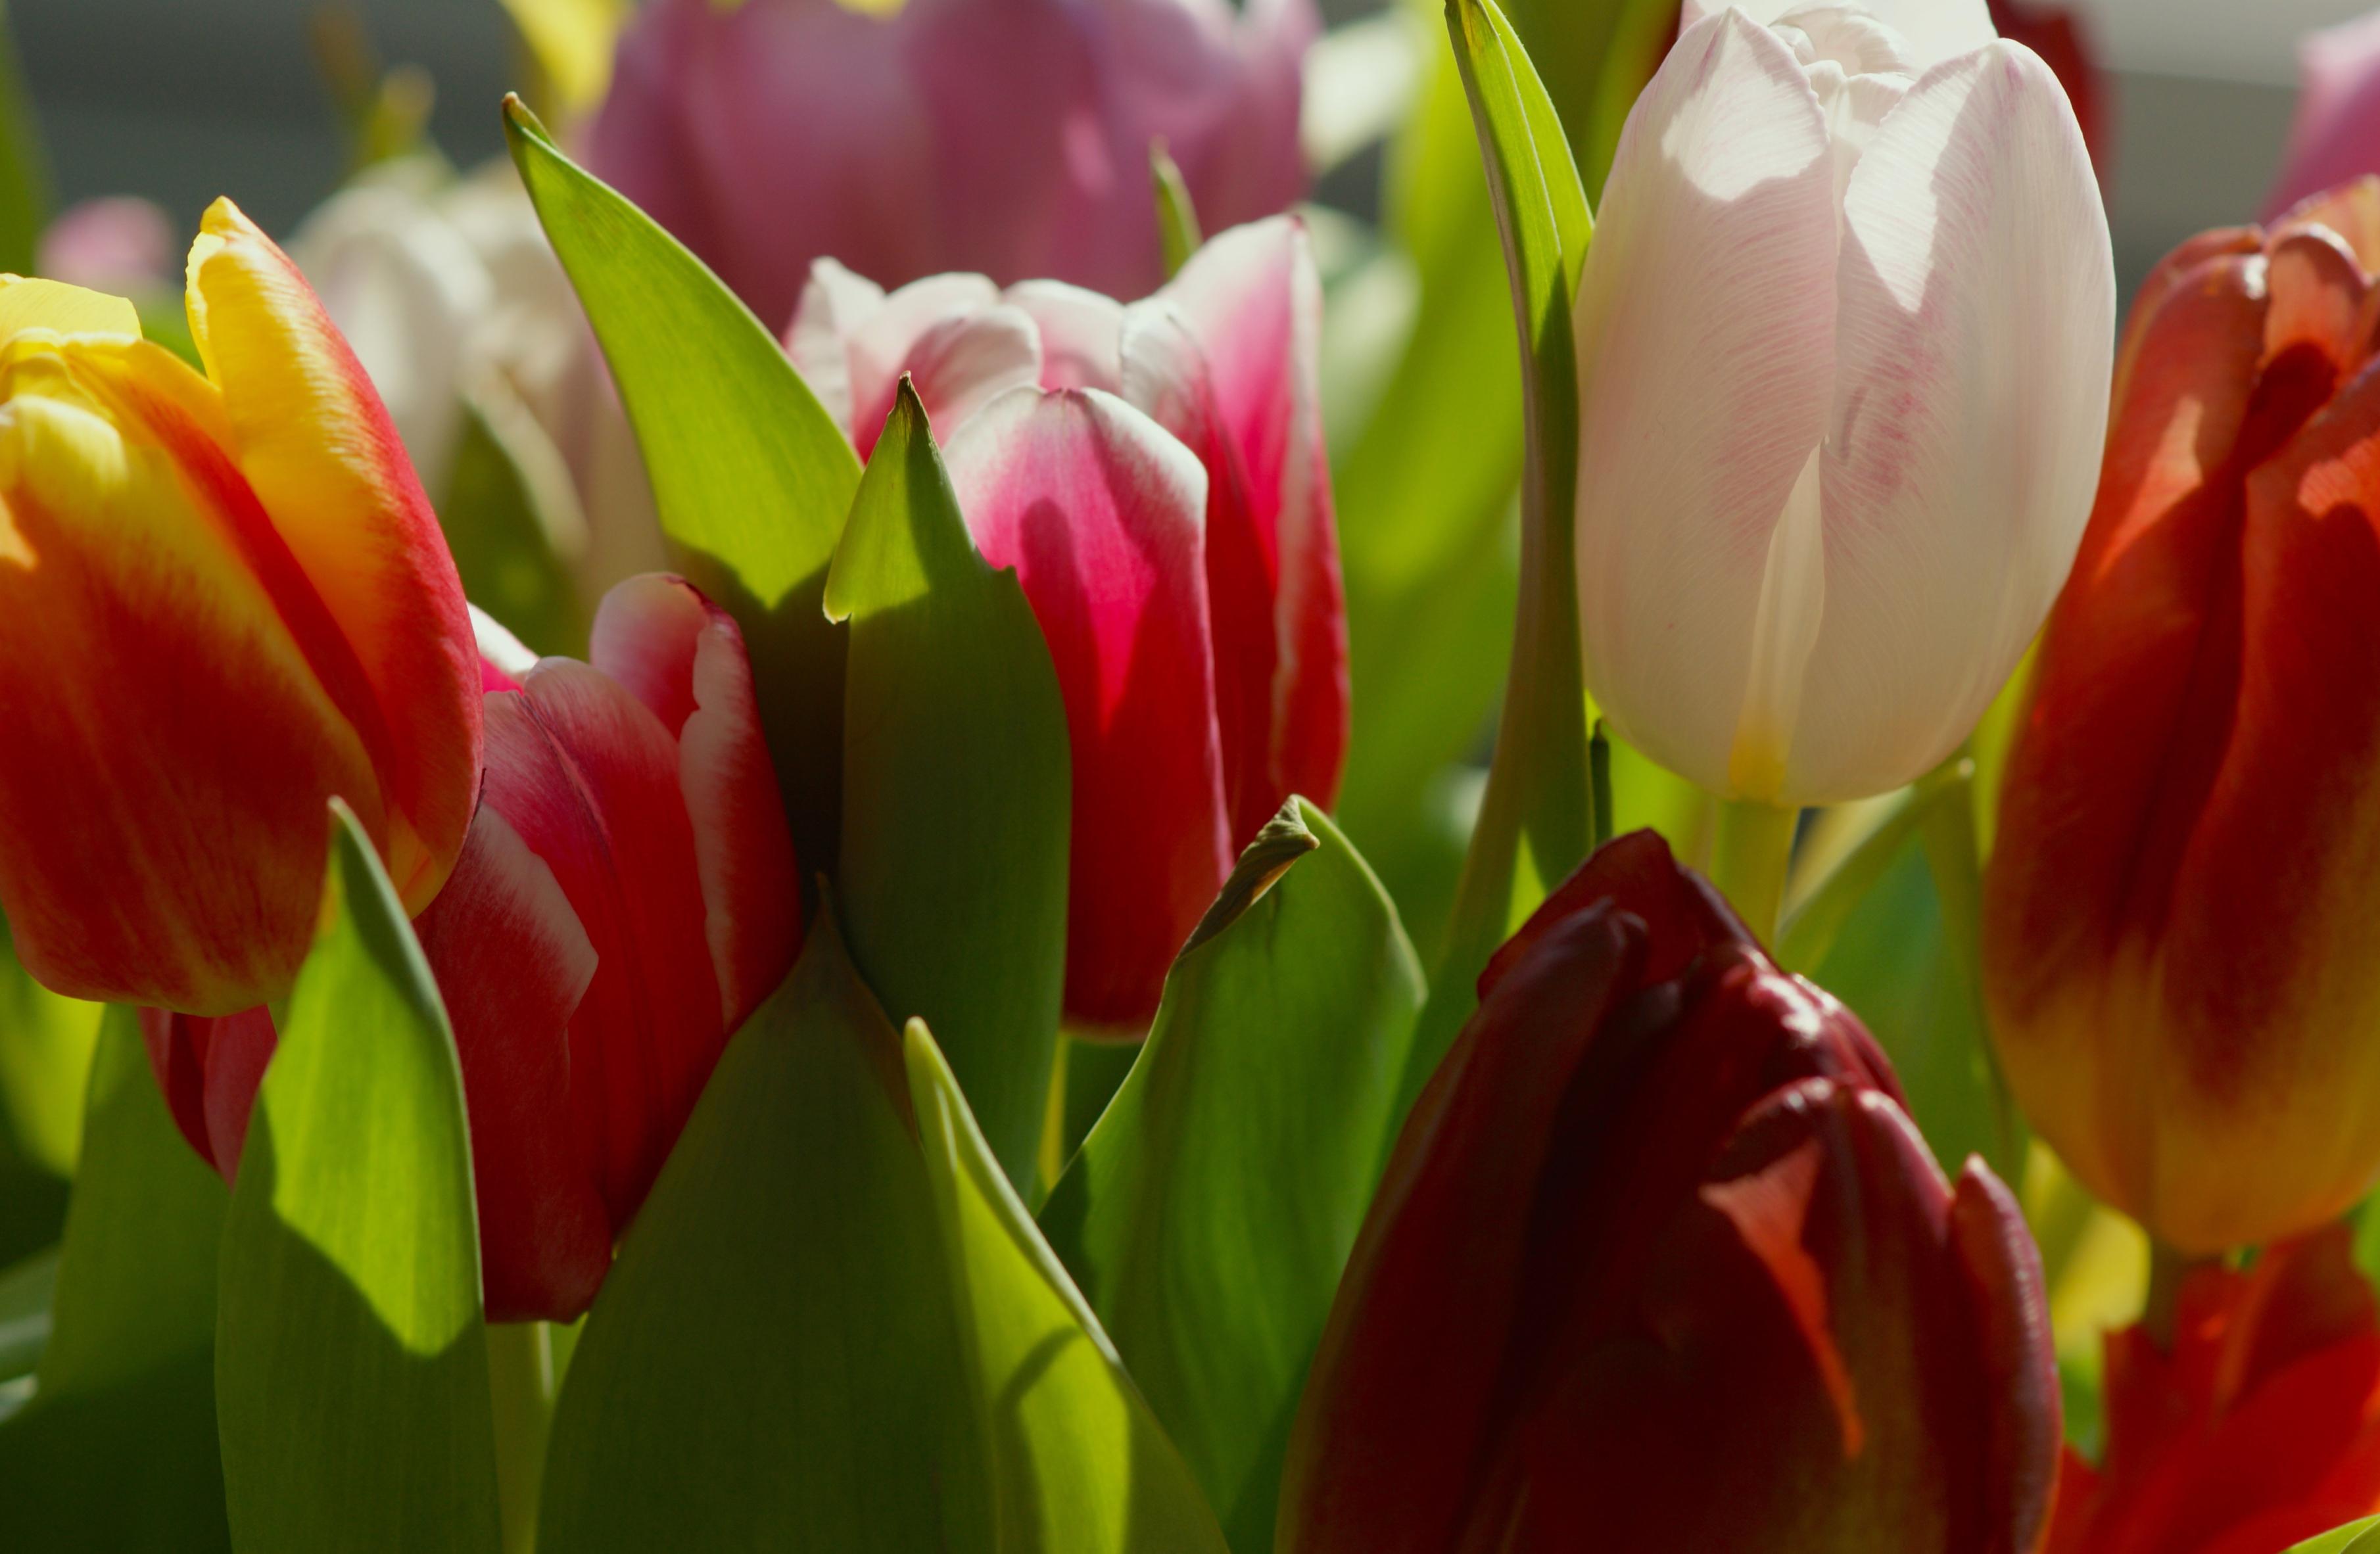 tulip-photo-41